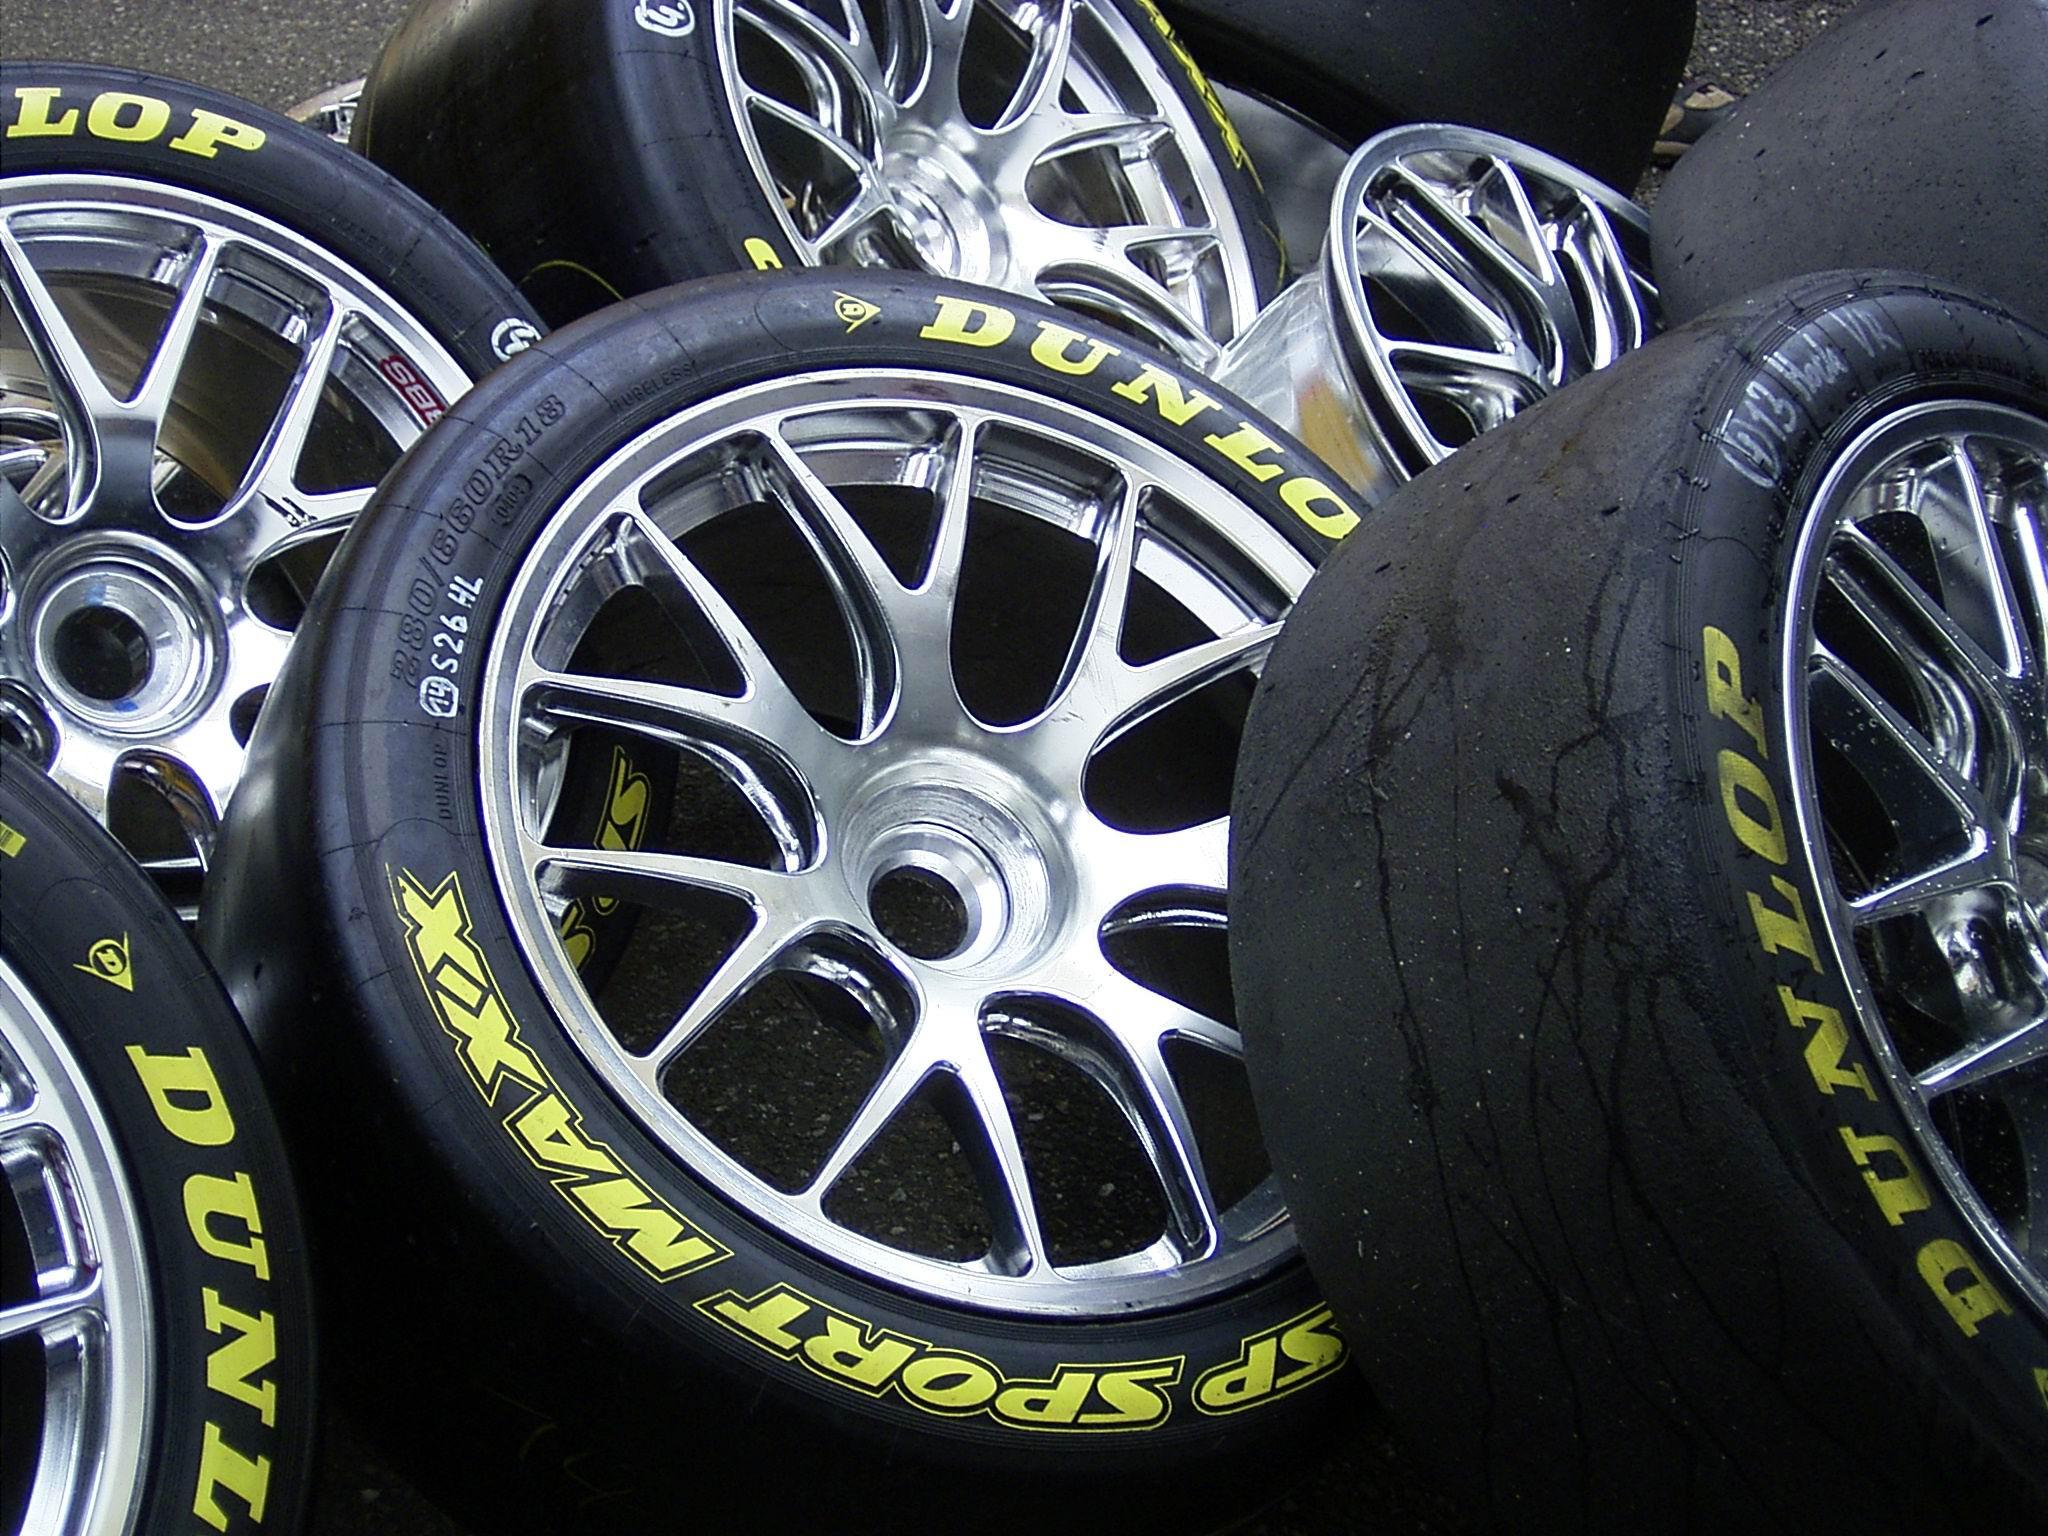 Dunlop *